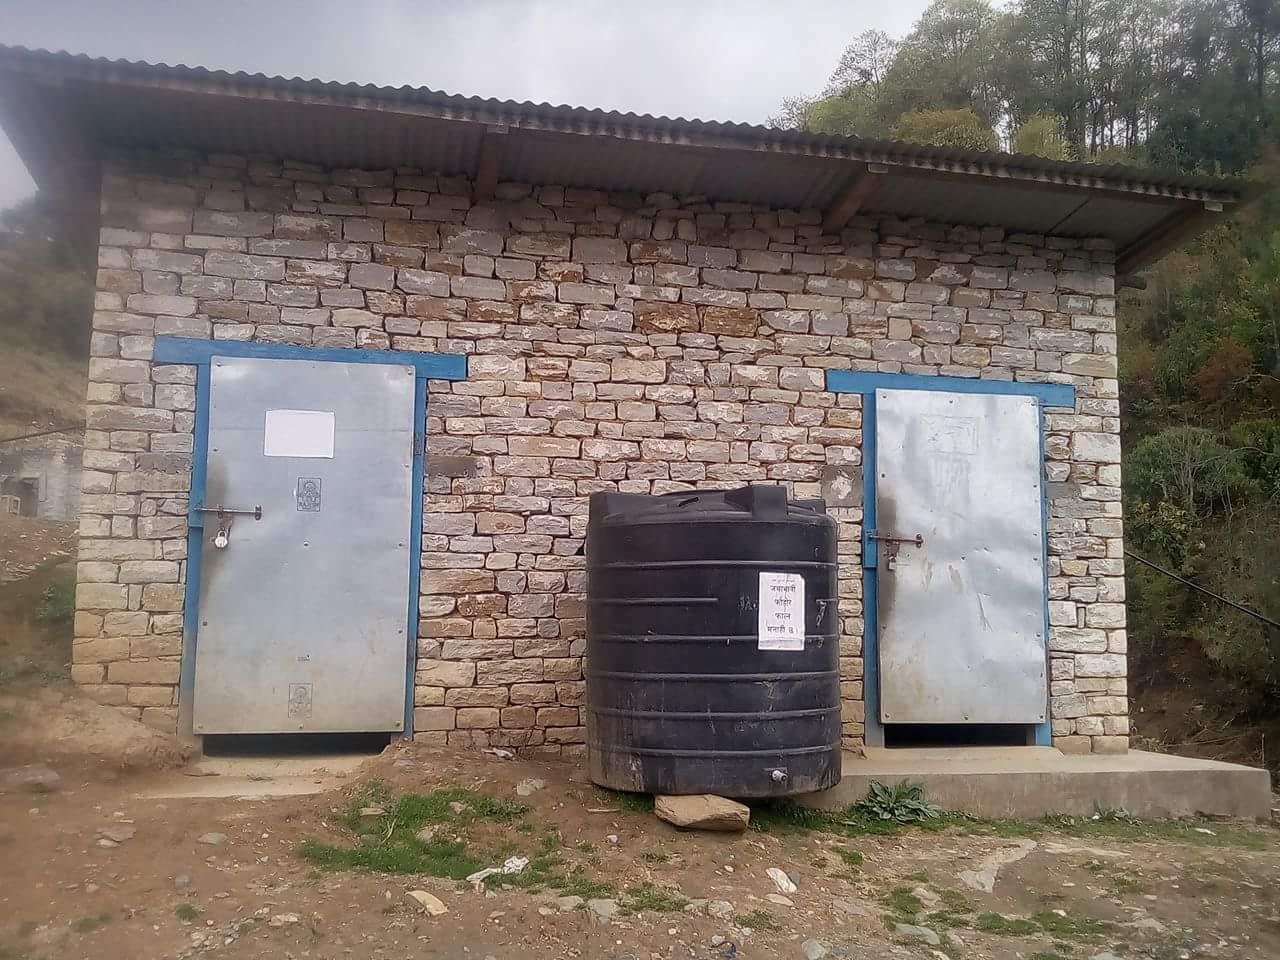 खिजिदेम्बामा जनप्रतिनिधिले सार्वजनिक सौचालय प्रयोग गर्न दिएन